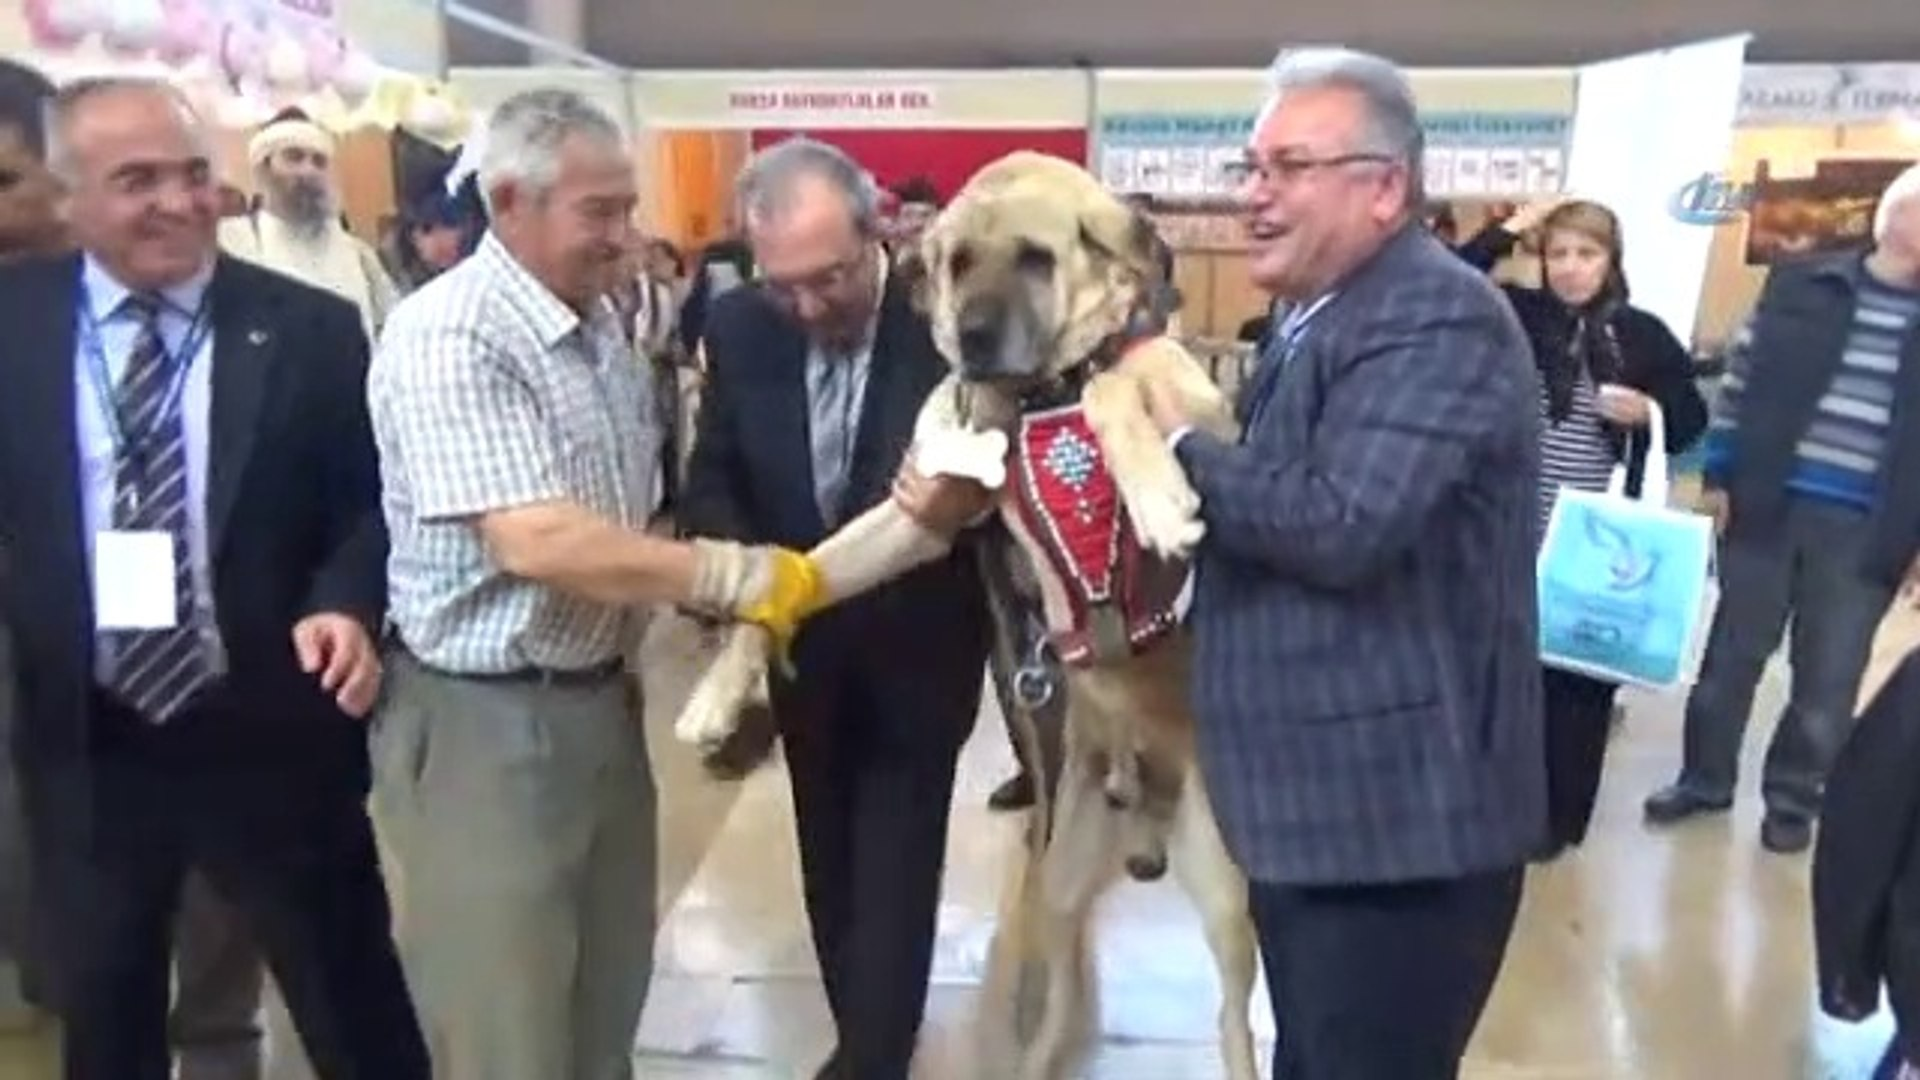 AKSARAY MALAKLI KOPEGi SASIRTTI - ANATOLiAN SHEPHERD DOG MALAKLI